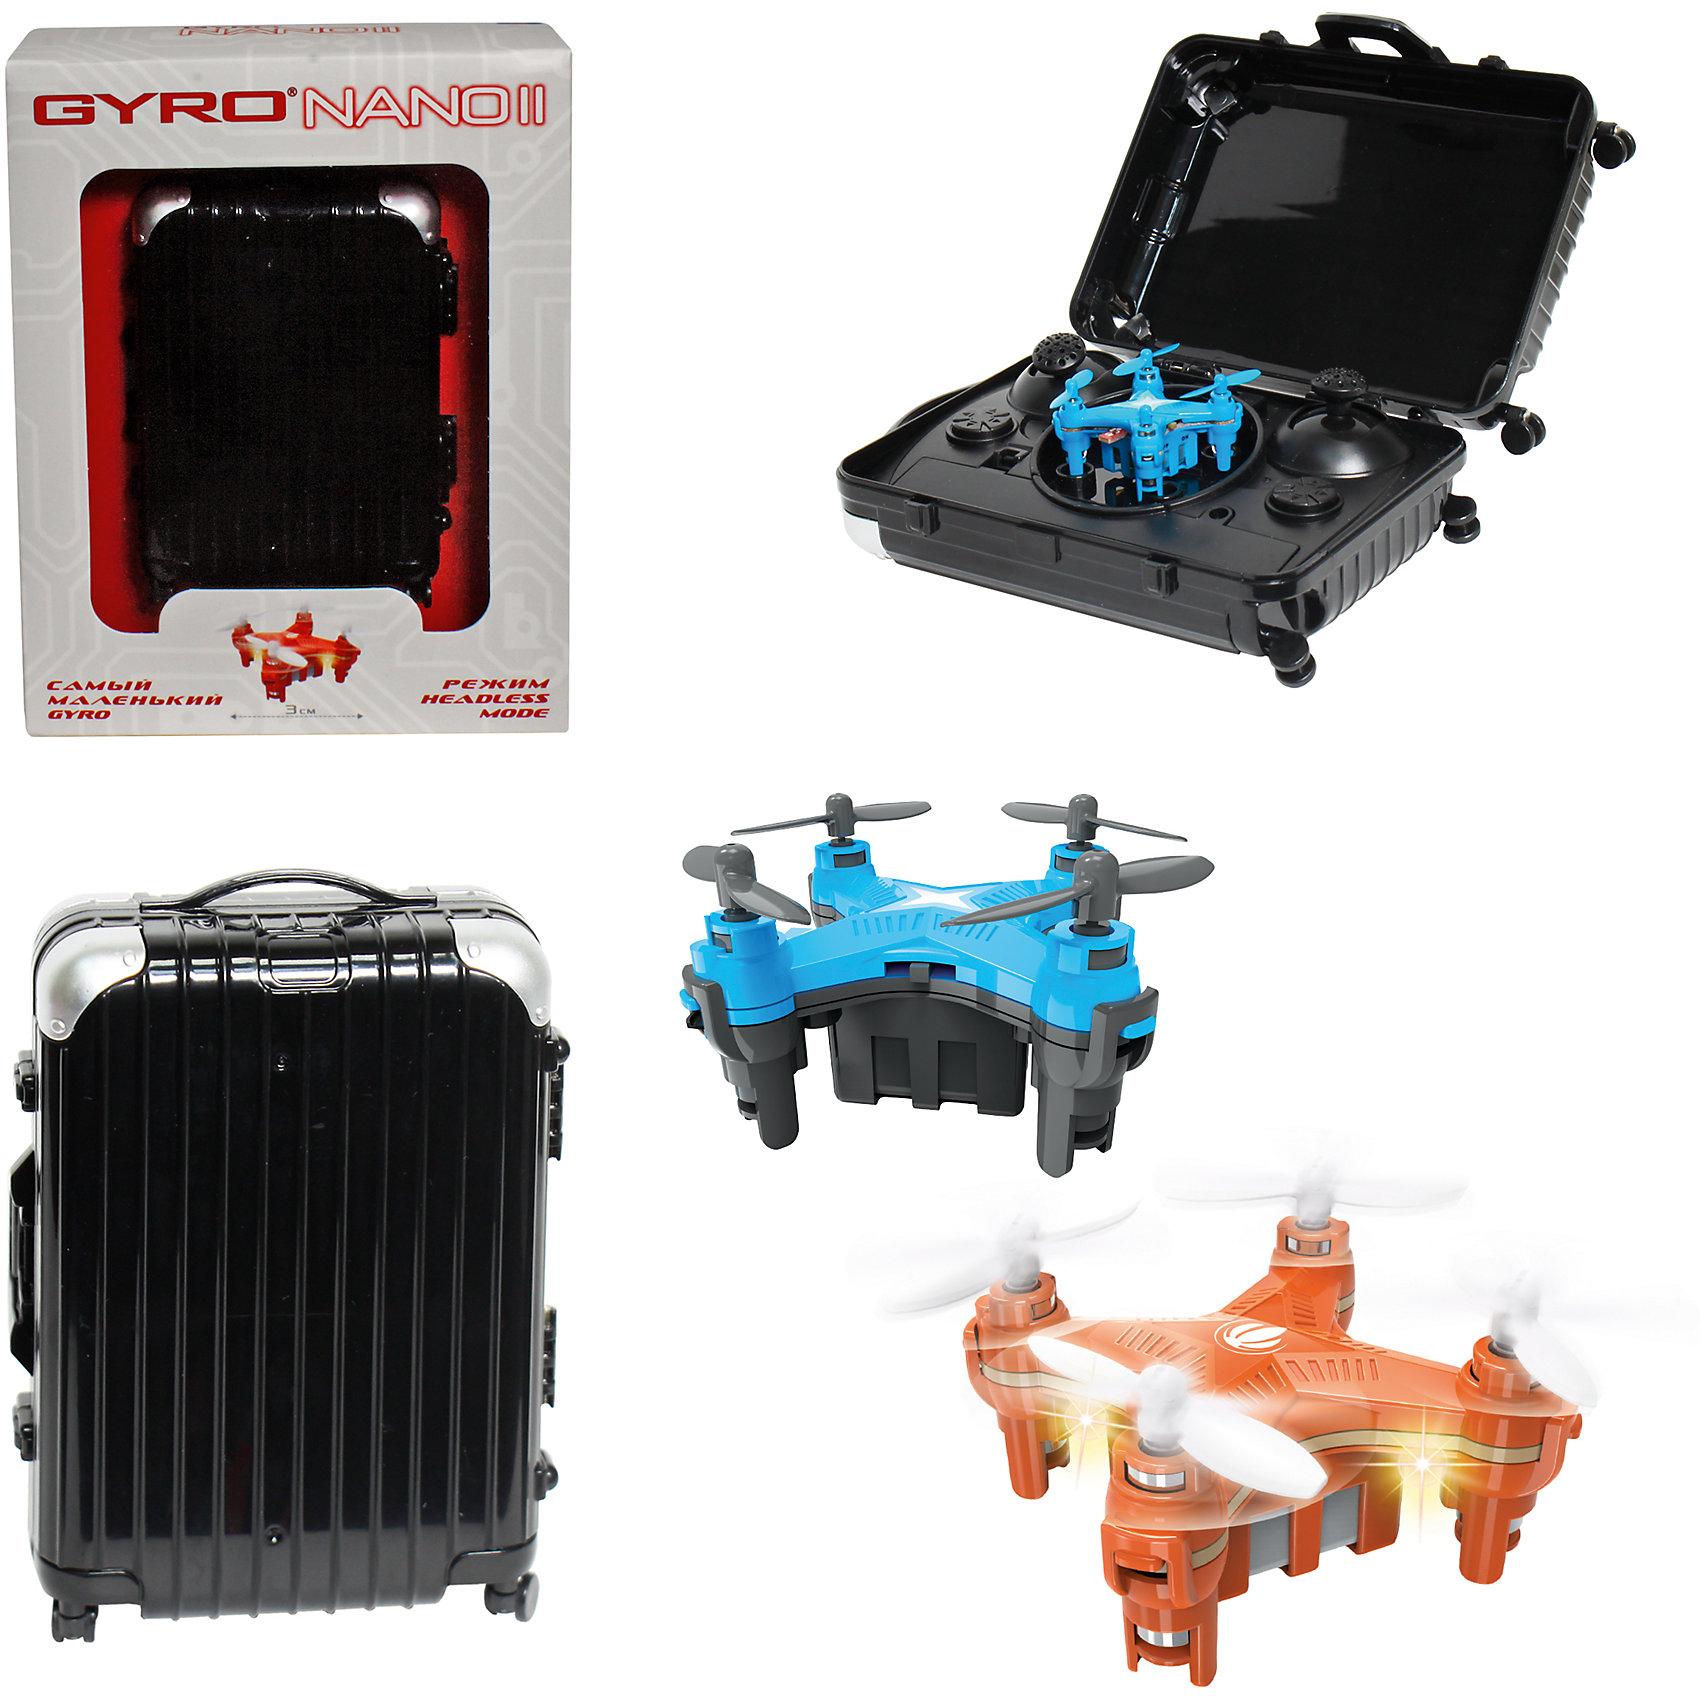 6-осевой Gyro-Nano II квадрокоптер 2,4GHz, 4 канала, в чемоданчике, 1toy6-осевой Gyro-Nano II квадрокоптер 2,4GHz, 4 канала, в чемоданчике, 1toy (1 той).<br><br>Характеристики:<br><br>• Размеры: 4,5х4,5 см.<br>• Частота управления - 2,4GHz.<br>• Зарядное устройство: USB-кабель.<br>• Зарядка-25мин, полёт-8мин.<br>• Радиус действия: до 50 метров. <br>• Аккумулятор: 3.7V/100mAh.<br>• Пульт работает от 3х батареек ААА (батарейки в комлект не входят).<br><br>Модель Gyro-Nano II прекрасно подходит для начинающих пилотов, которым ранее не приходилось управлять квадрокоптерами. Модель сочетает все лучшие функции более дорогих квадрокоптеров в небольшом корпусе. Благодаря своему миниатюрному размеру в 3 см, квадрокоптер отлично подходит для полётов дома. Модель управляется на частоте 2,4GHz, имеет два скоростных режима, обладает 6-осевым гироскопом, благодаря которому квадрокоптер способен взлетать даже в броске, а также делать сальто на 360°.Интересной особенностью является также и пульт модели, стилизованный под дорожный чемоданчик.<br><br>6-осевой Gyro-Nano II квадрокоптер 2,4GHz, 4 канала, в чемоданчике, 1toy (1 той), можно купить в нашем интернет – магазине.<br><br>Ширина мм: 185<br>Глубина мм: 55<br>Высота мм: 145<br>Вес г: 233<br>Возраст от месяцев: 60<br>Возраст до месяцев: 192<br>Пол: Мужской<br>Возраст: Детский<br>SKU: 5154276